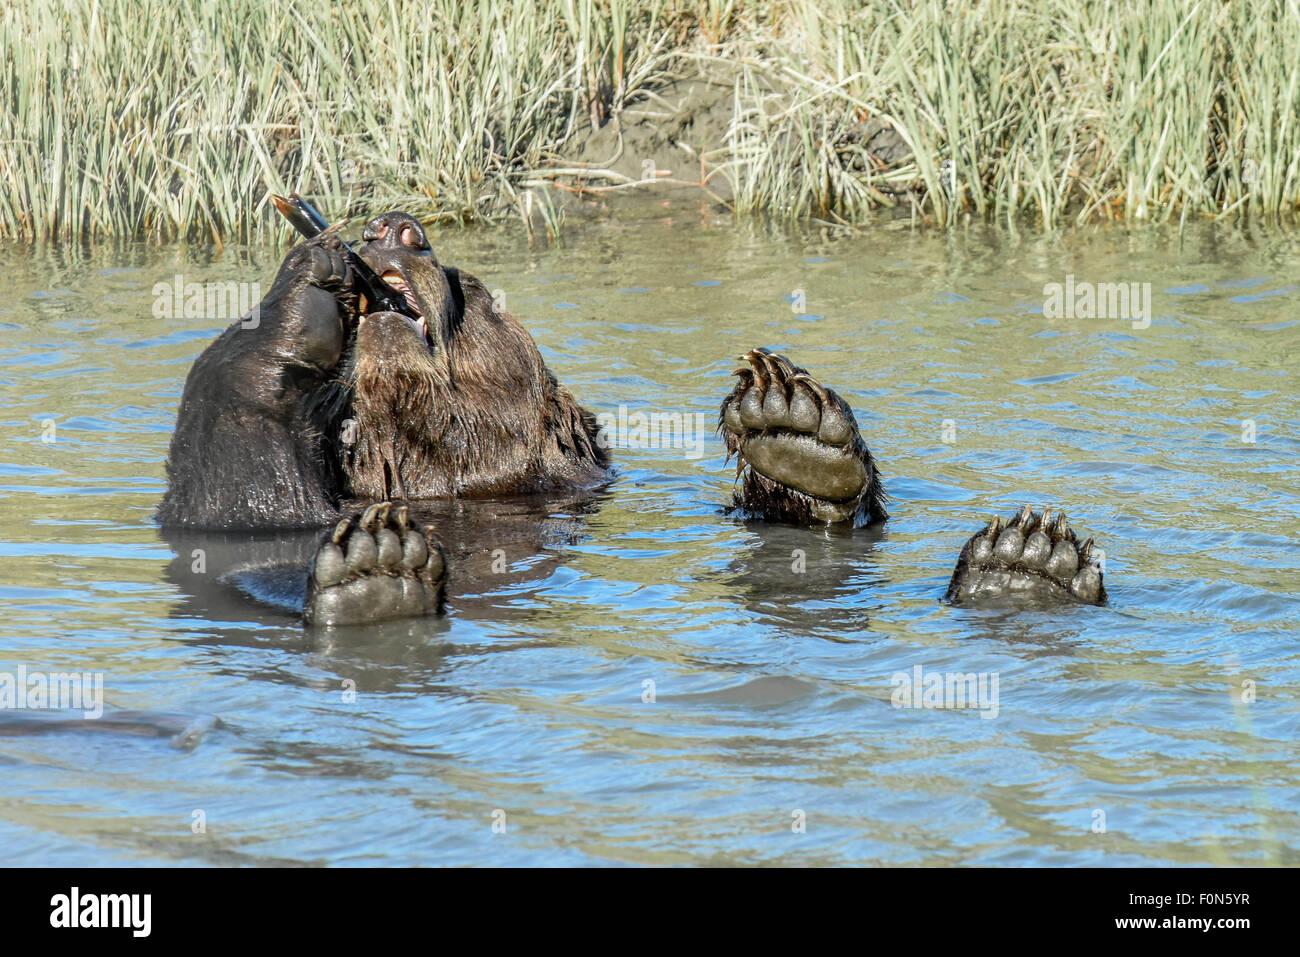 Un ours brun très mignon / grizzli est titulaire d'un os à un cigare avec 4 pattes - flottant dans Photo Stock